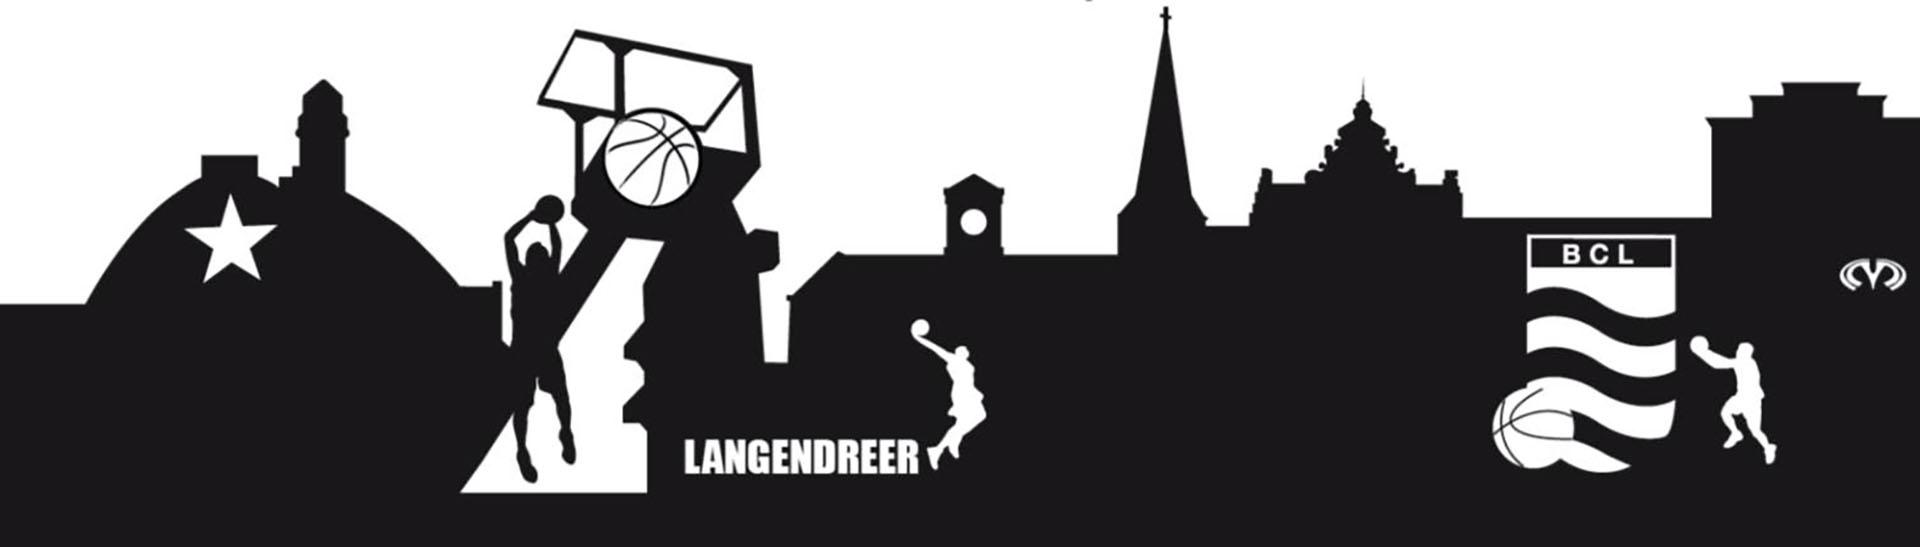 BC Langendreer